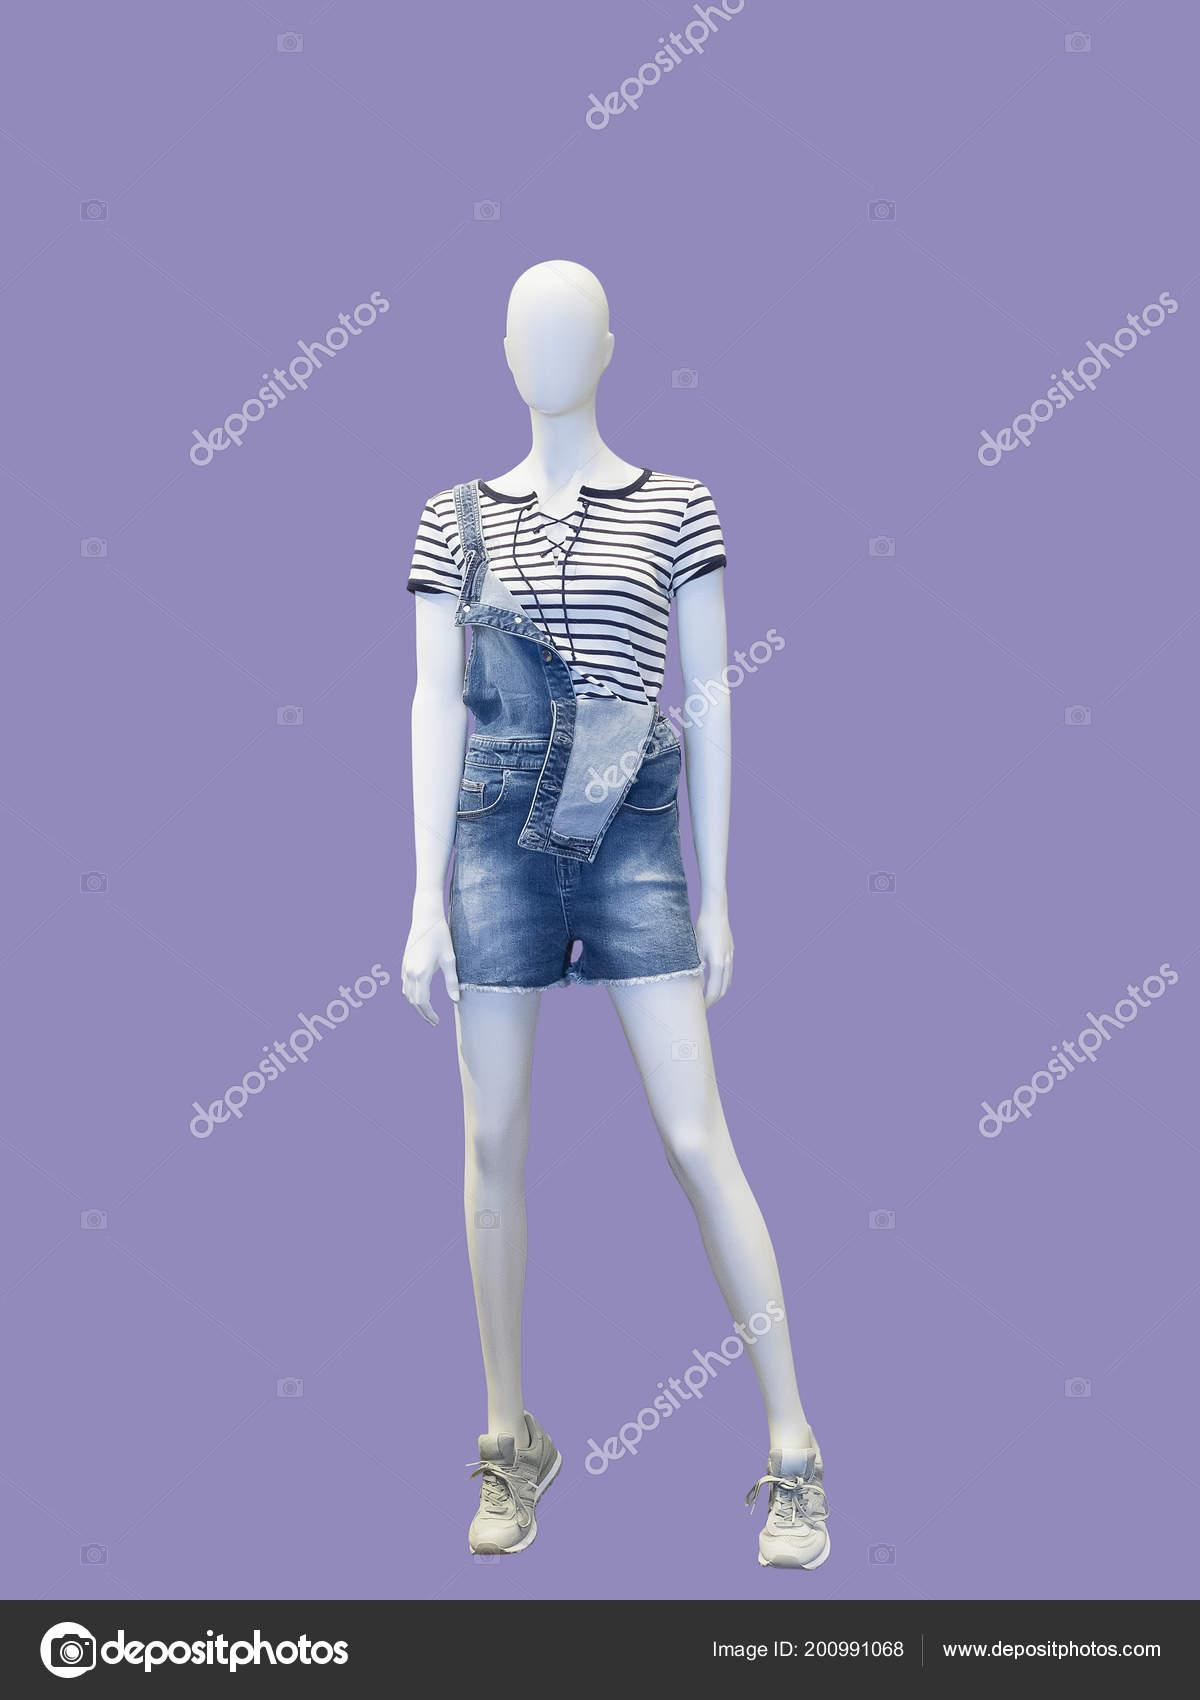 Full Length Female Mannequin Dressed Overalls Shirt Isolated